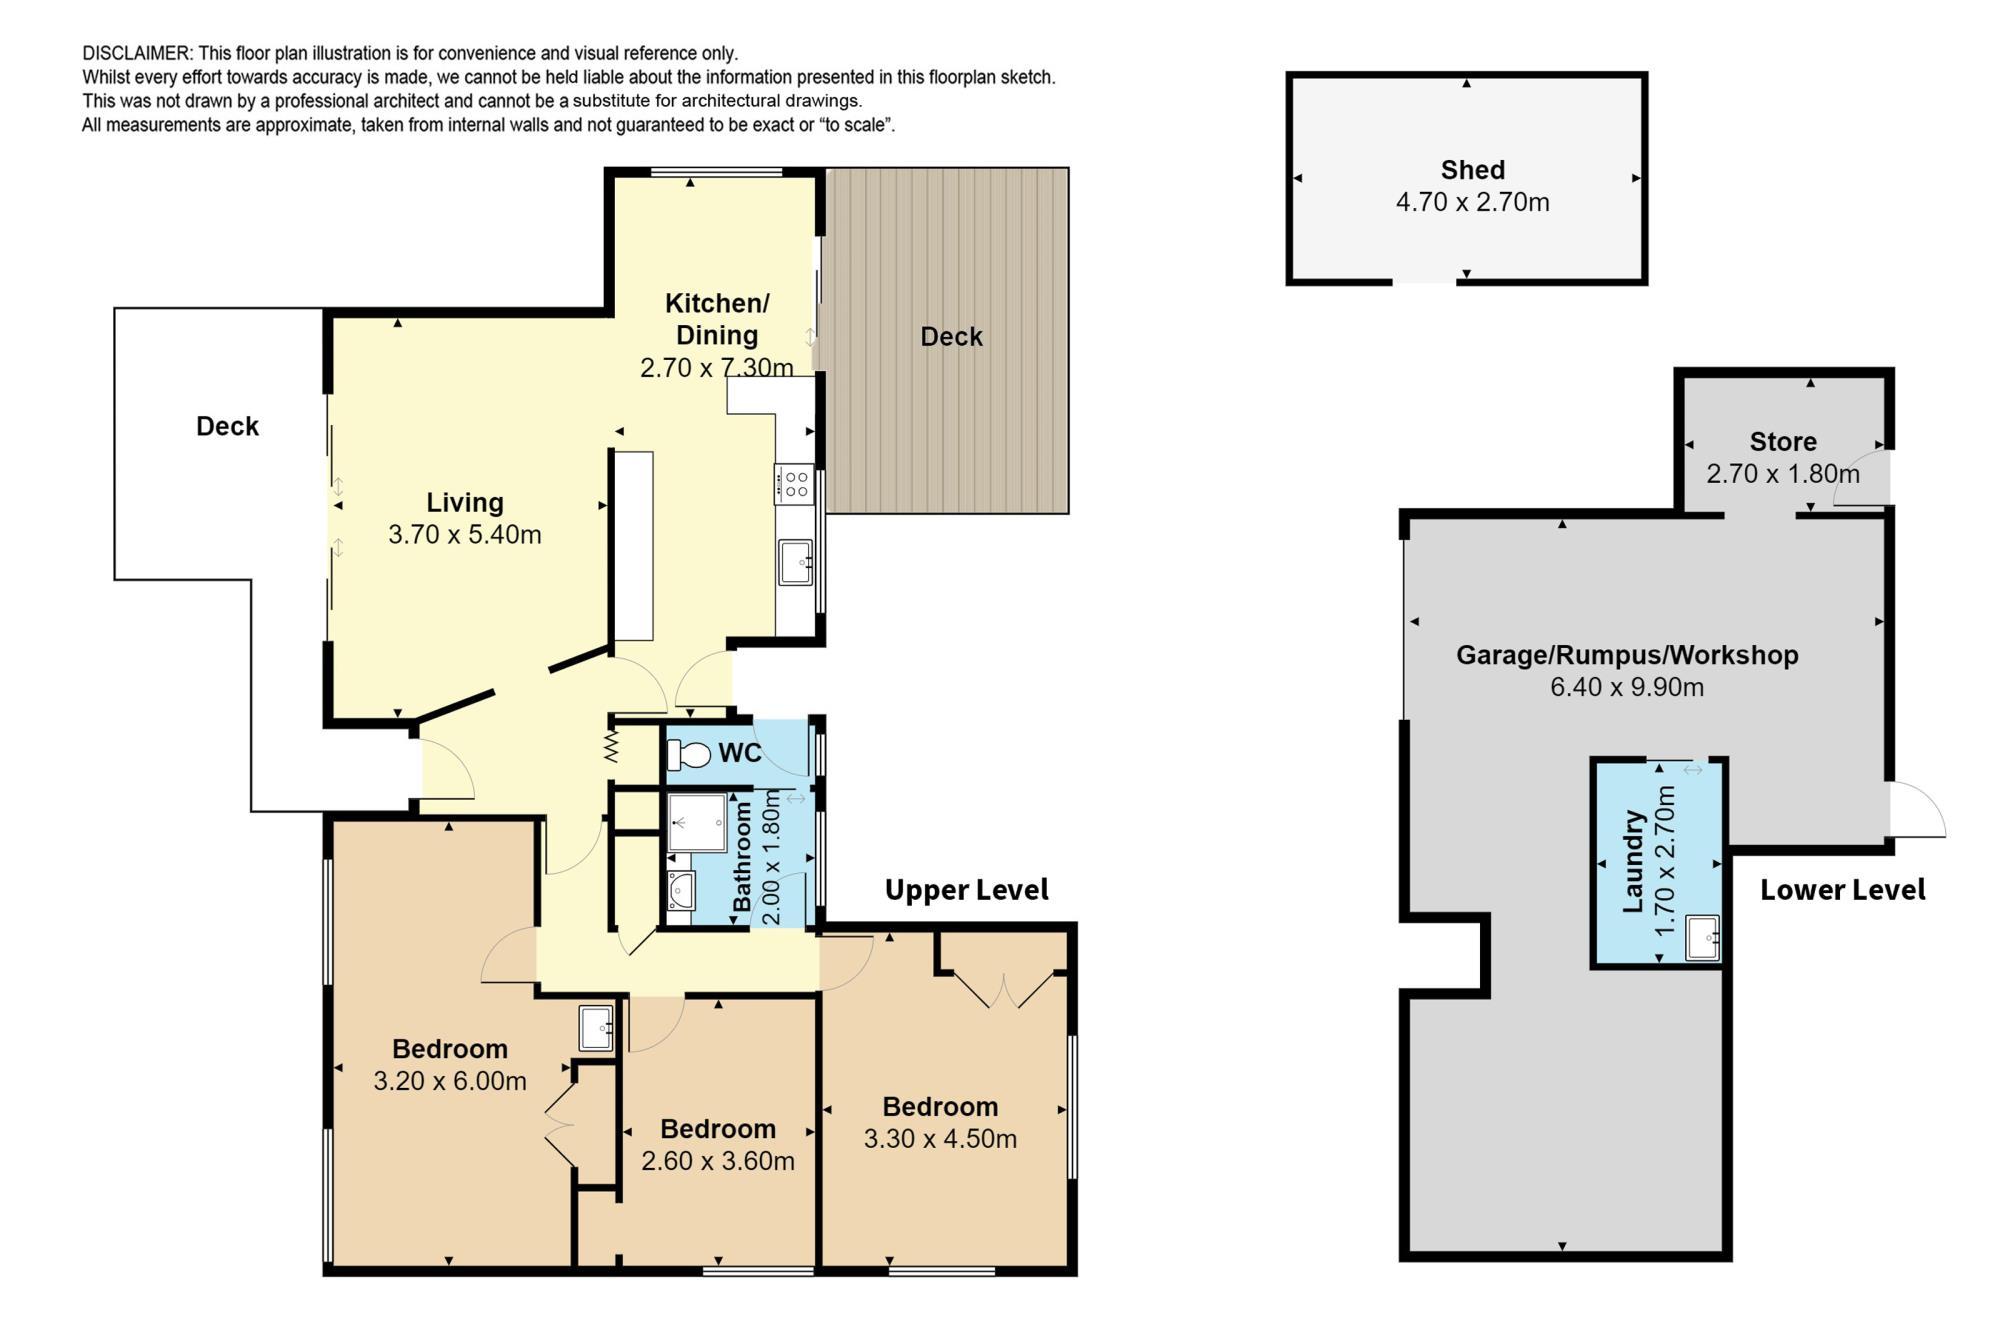 1/17 Boundary Road Opahekeproperty floorplan image